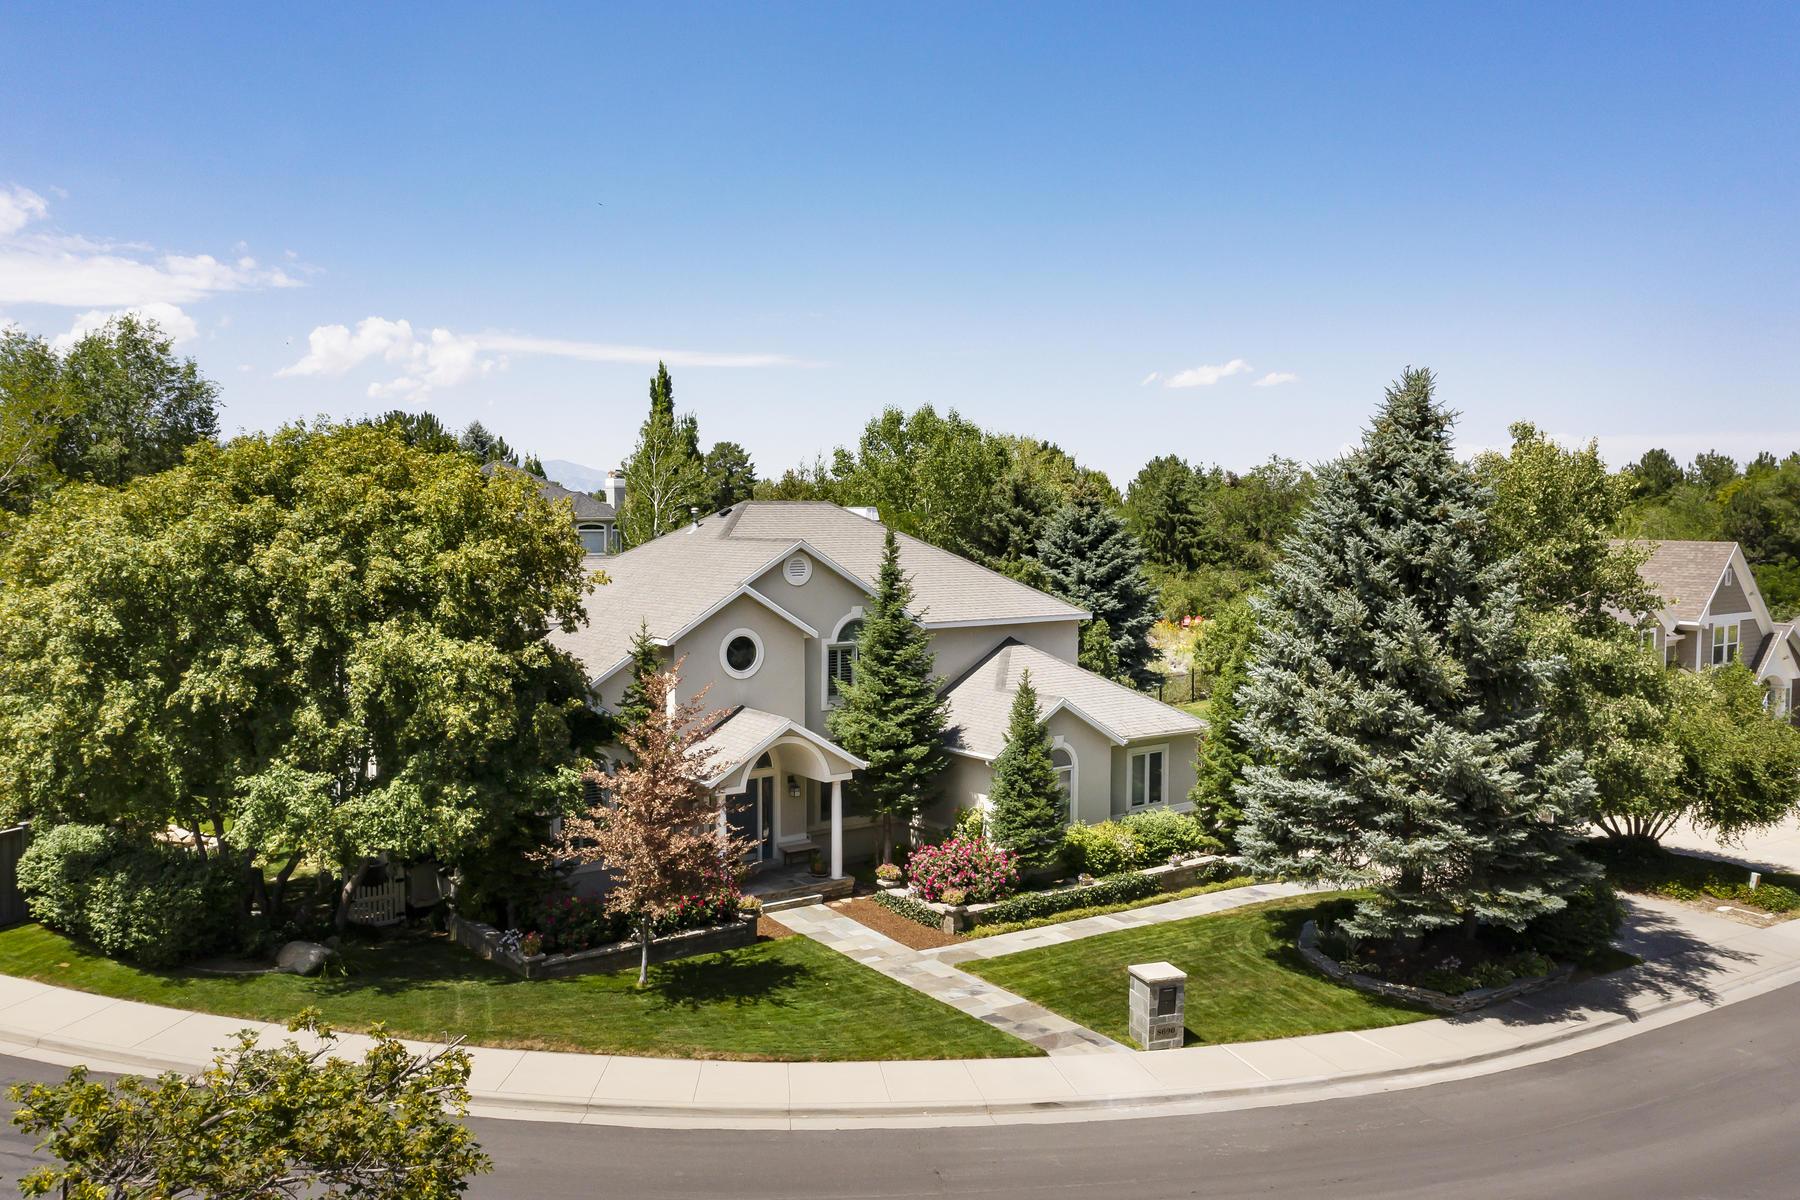 Single Family Homes için Satış at Peaceful Cottonwood Creek Setting 8690 S Willow Green Cir, Sandy, Utah 84093 Amerika Birleşik Devletleri